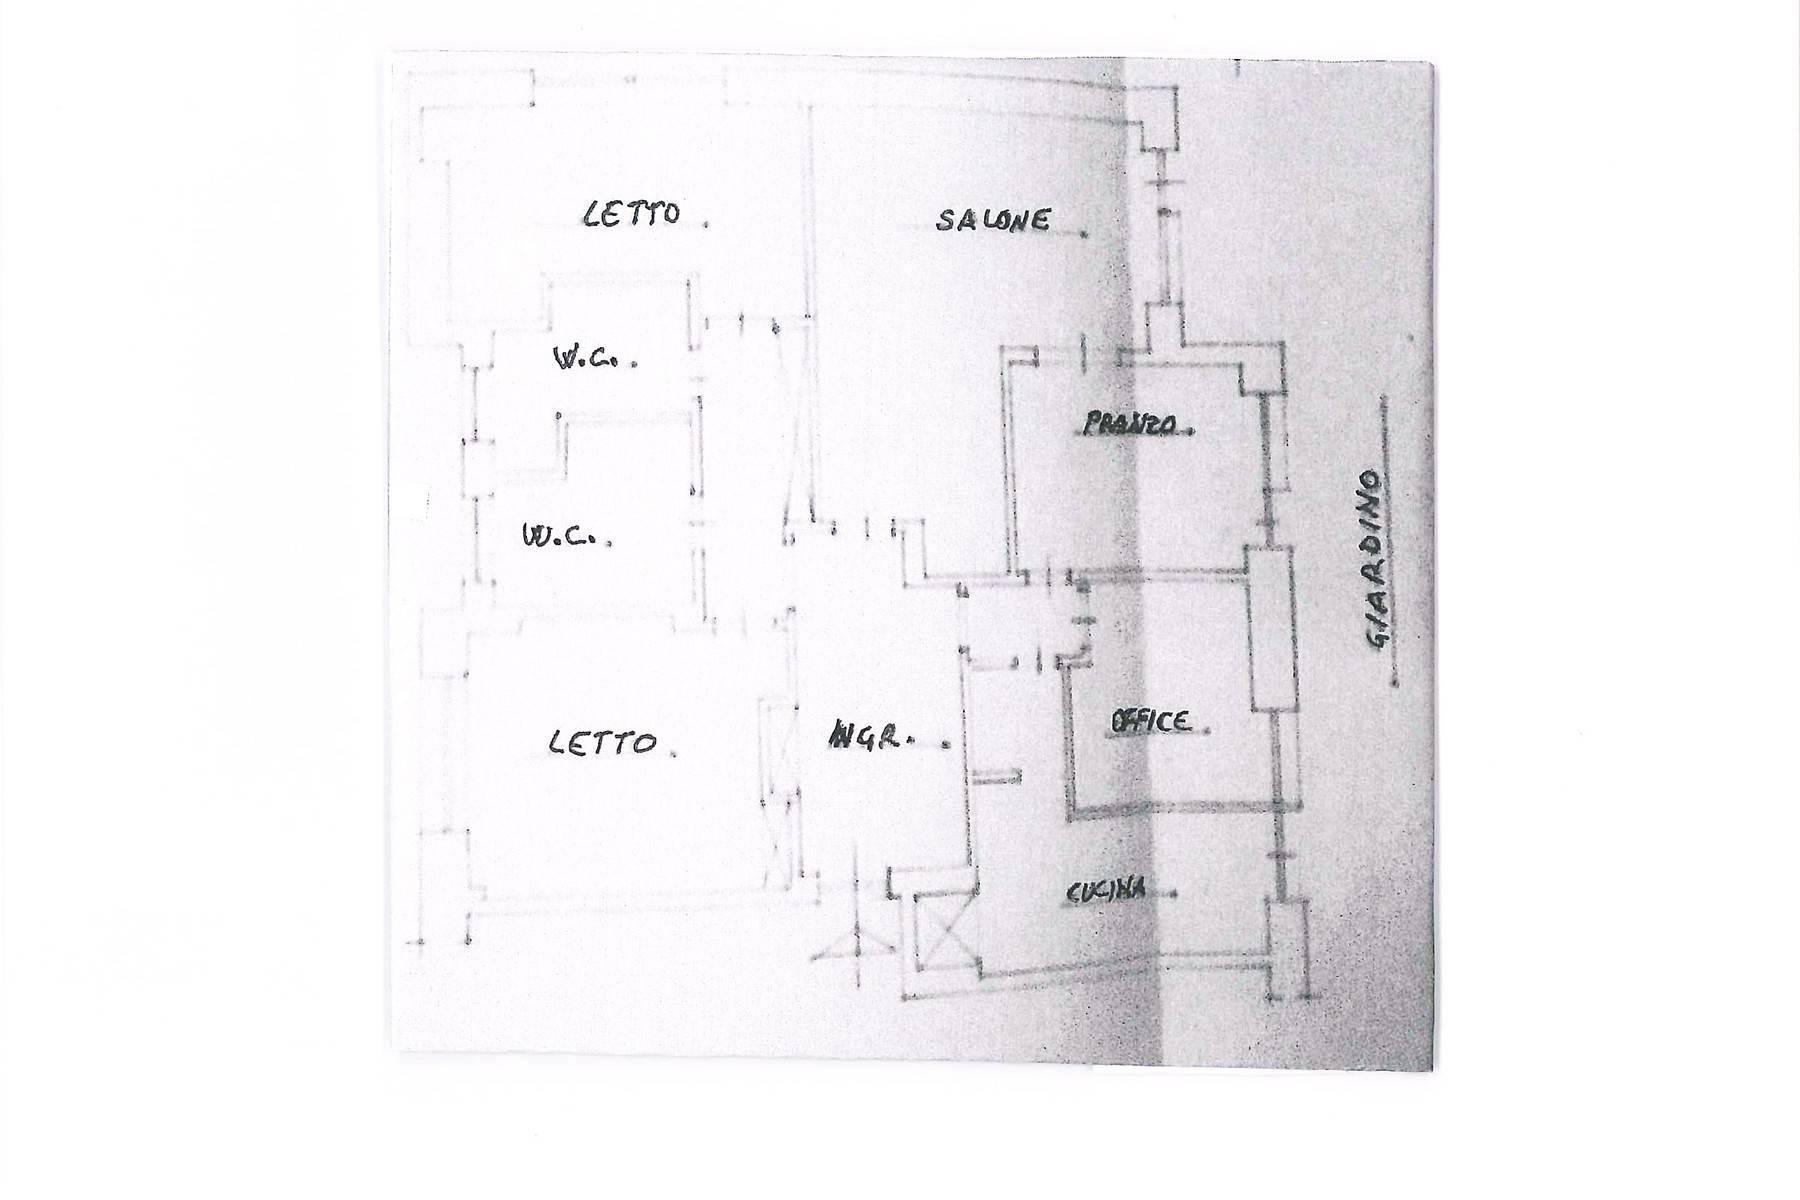 Appartamento in Vendita a Roma: 5 locali, 130 mq - Foto 21